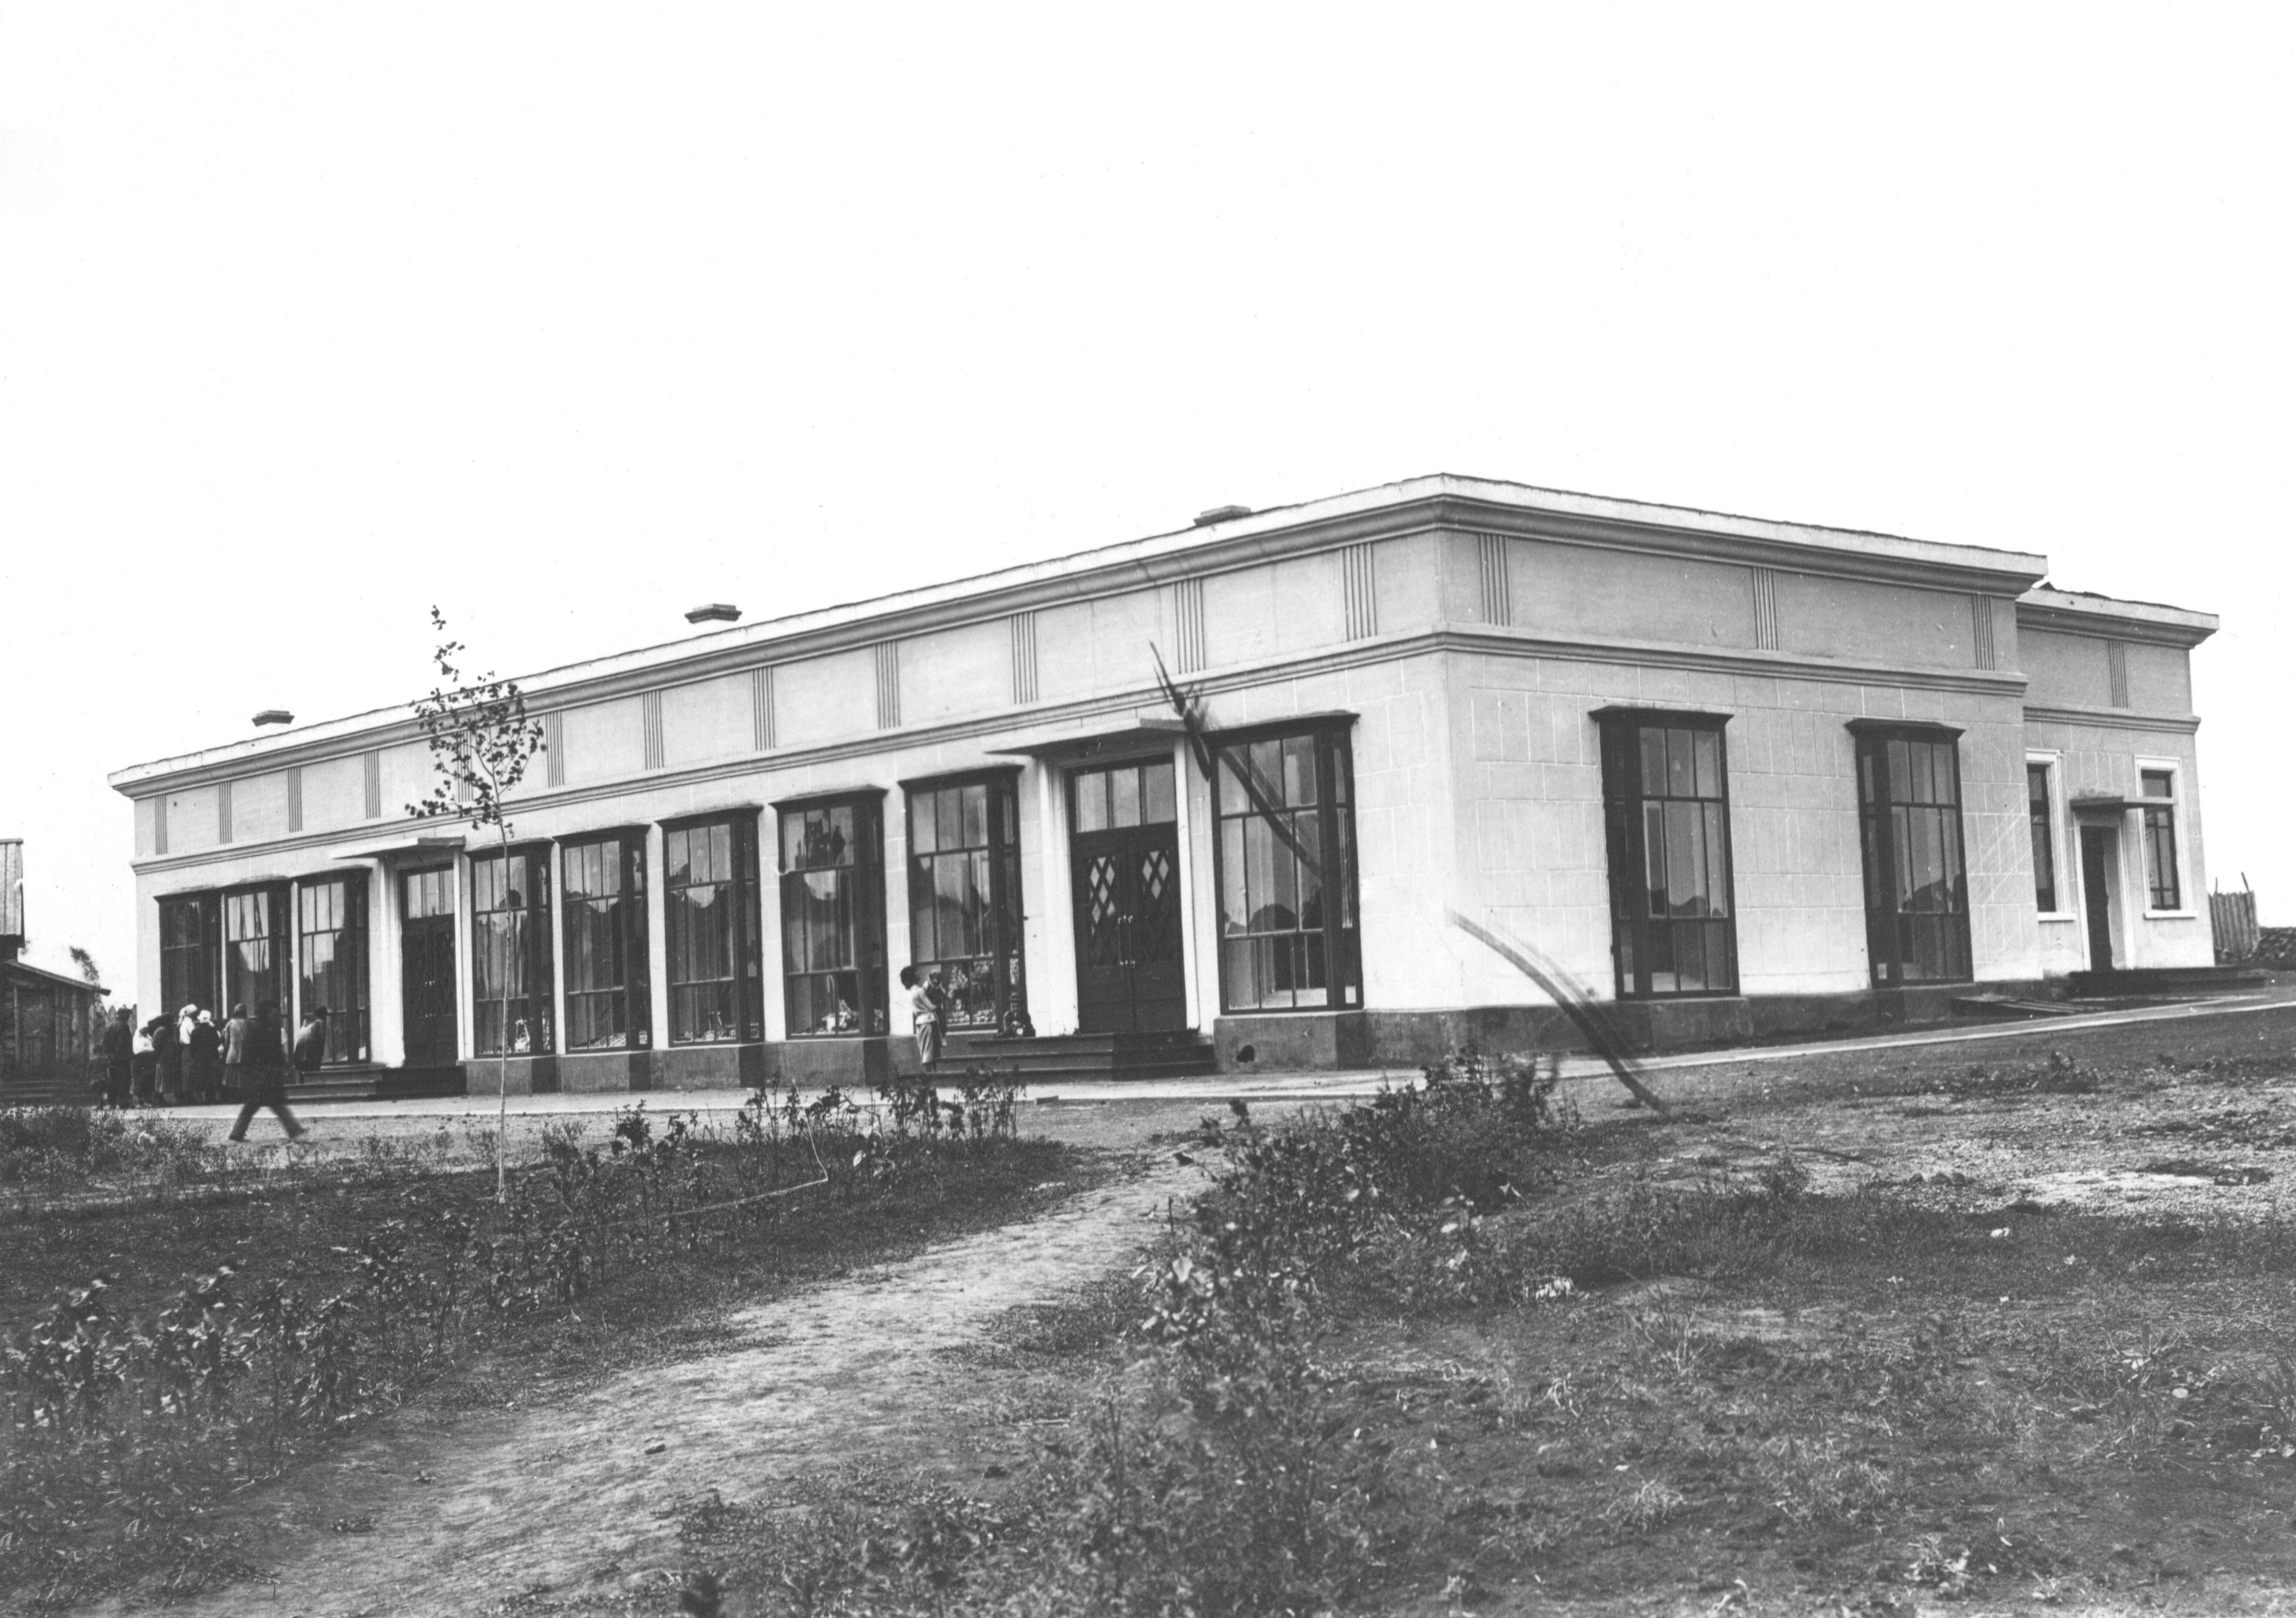 gku-ko-gako_fotofond_op_8d_d_622_l_1_prodovolstvennyj-magazin-socgoroda_postroennyj-v-seredine-1930-h.jpg